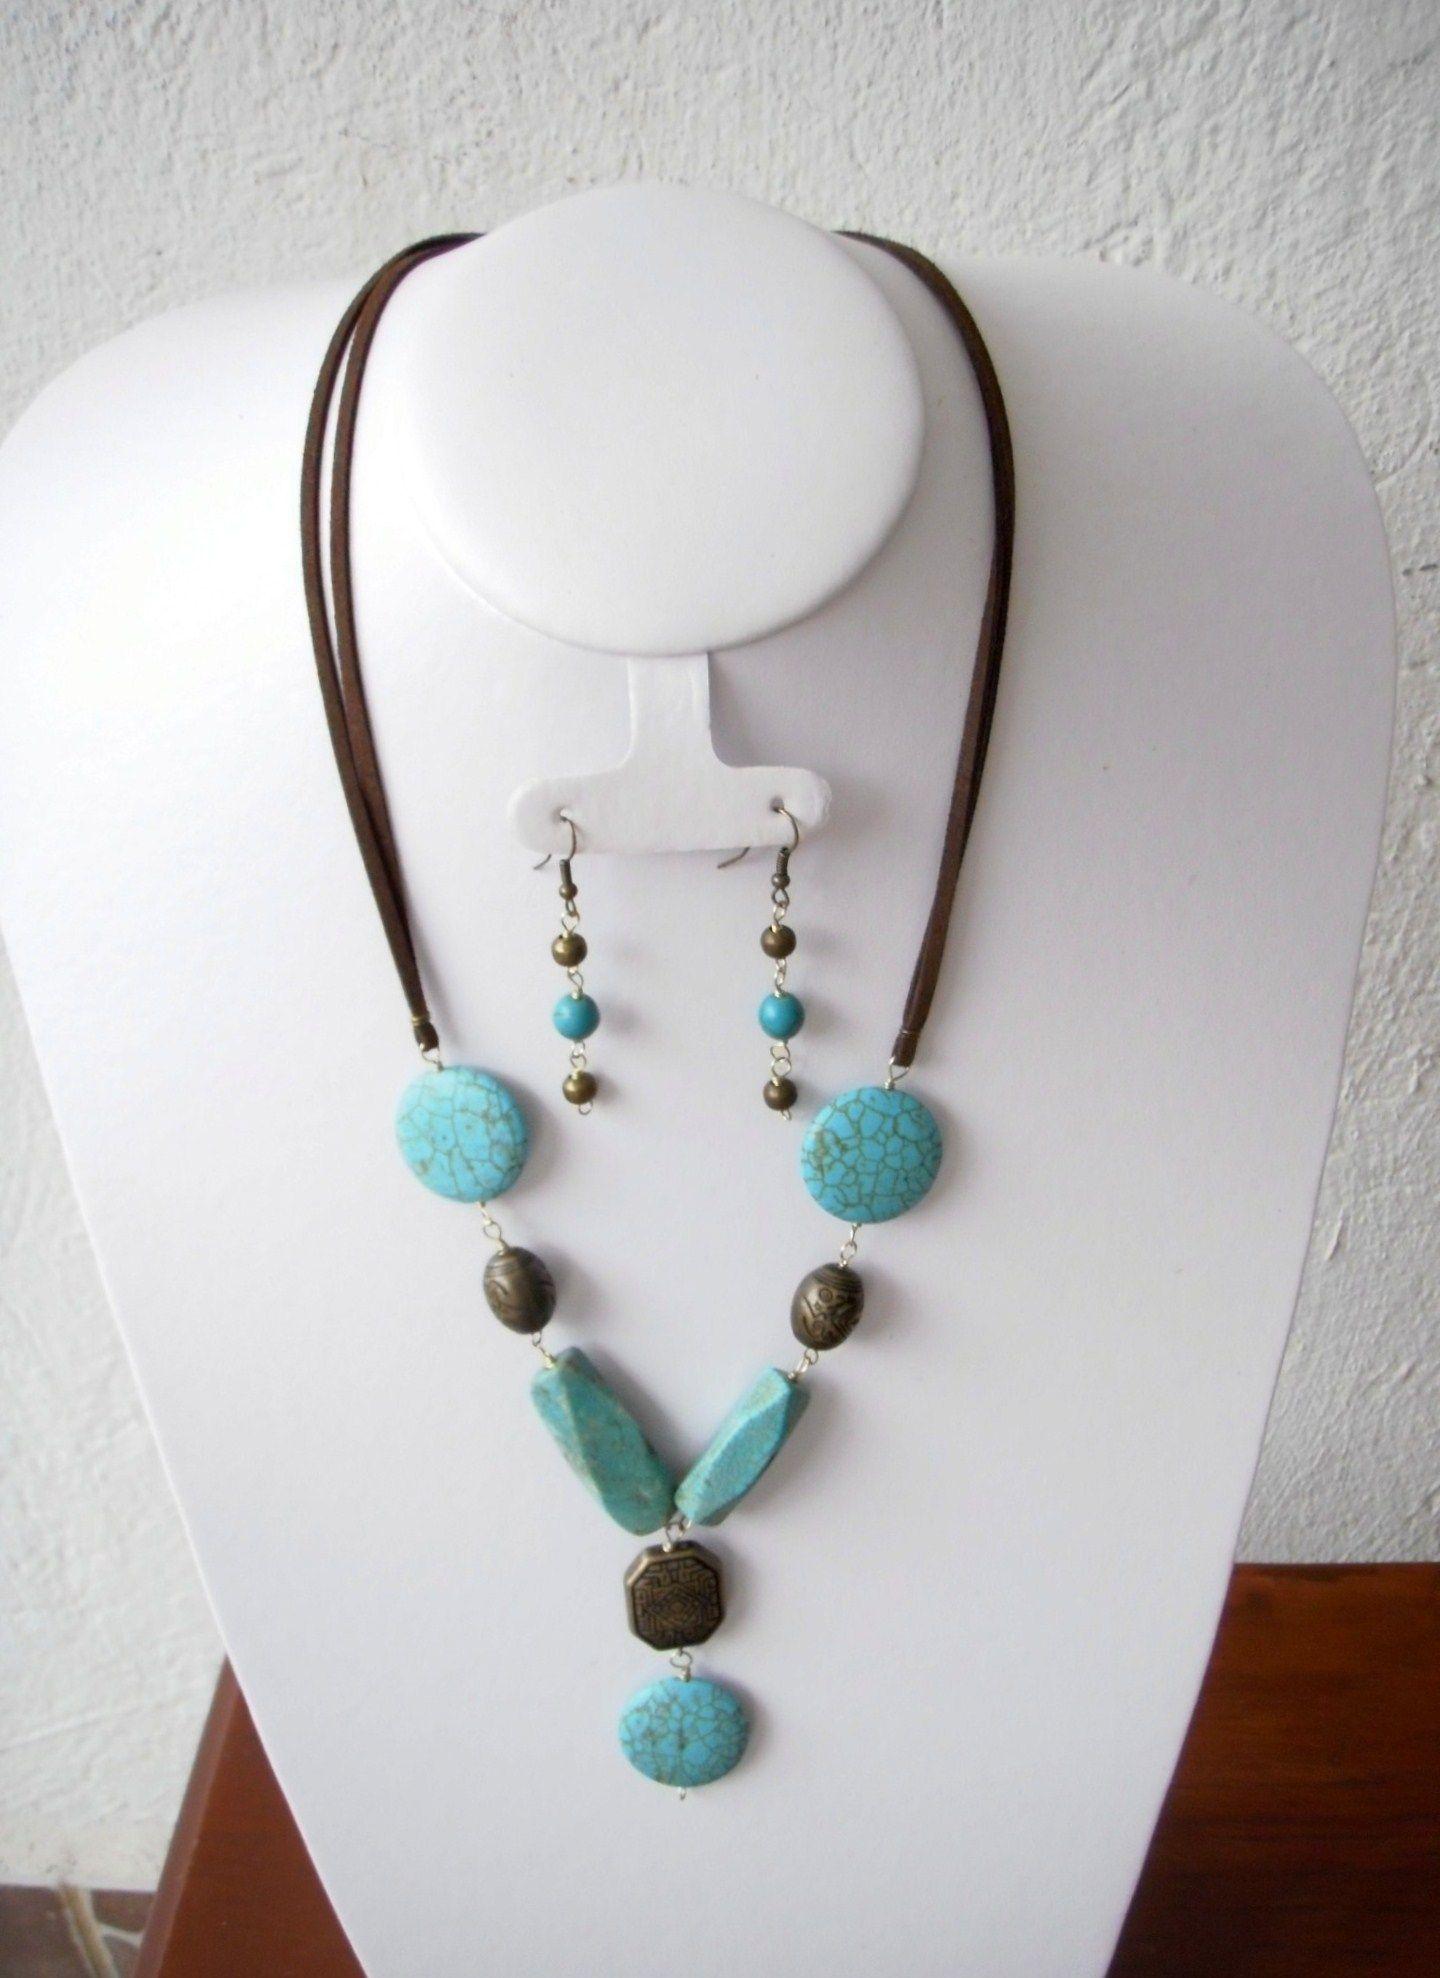 45d3e76375cf  240 Elegante collar de piedras naturales en color turqueza y piezas en  color oro viejo